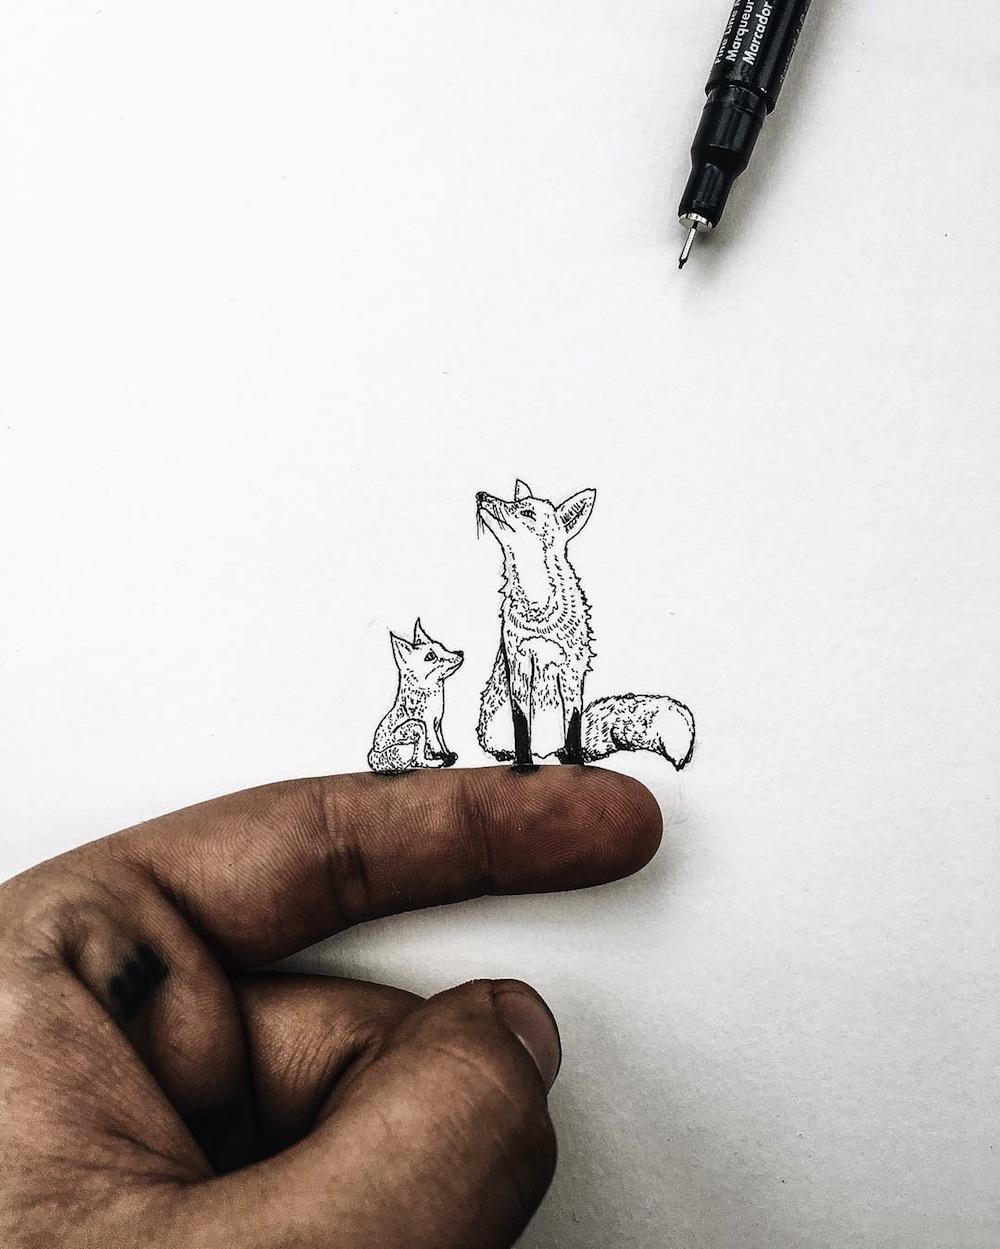 disegni-miniatura-inchiostro-christian-watson-09